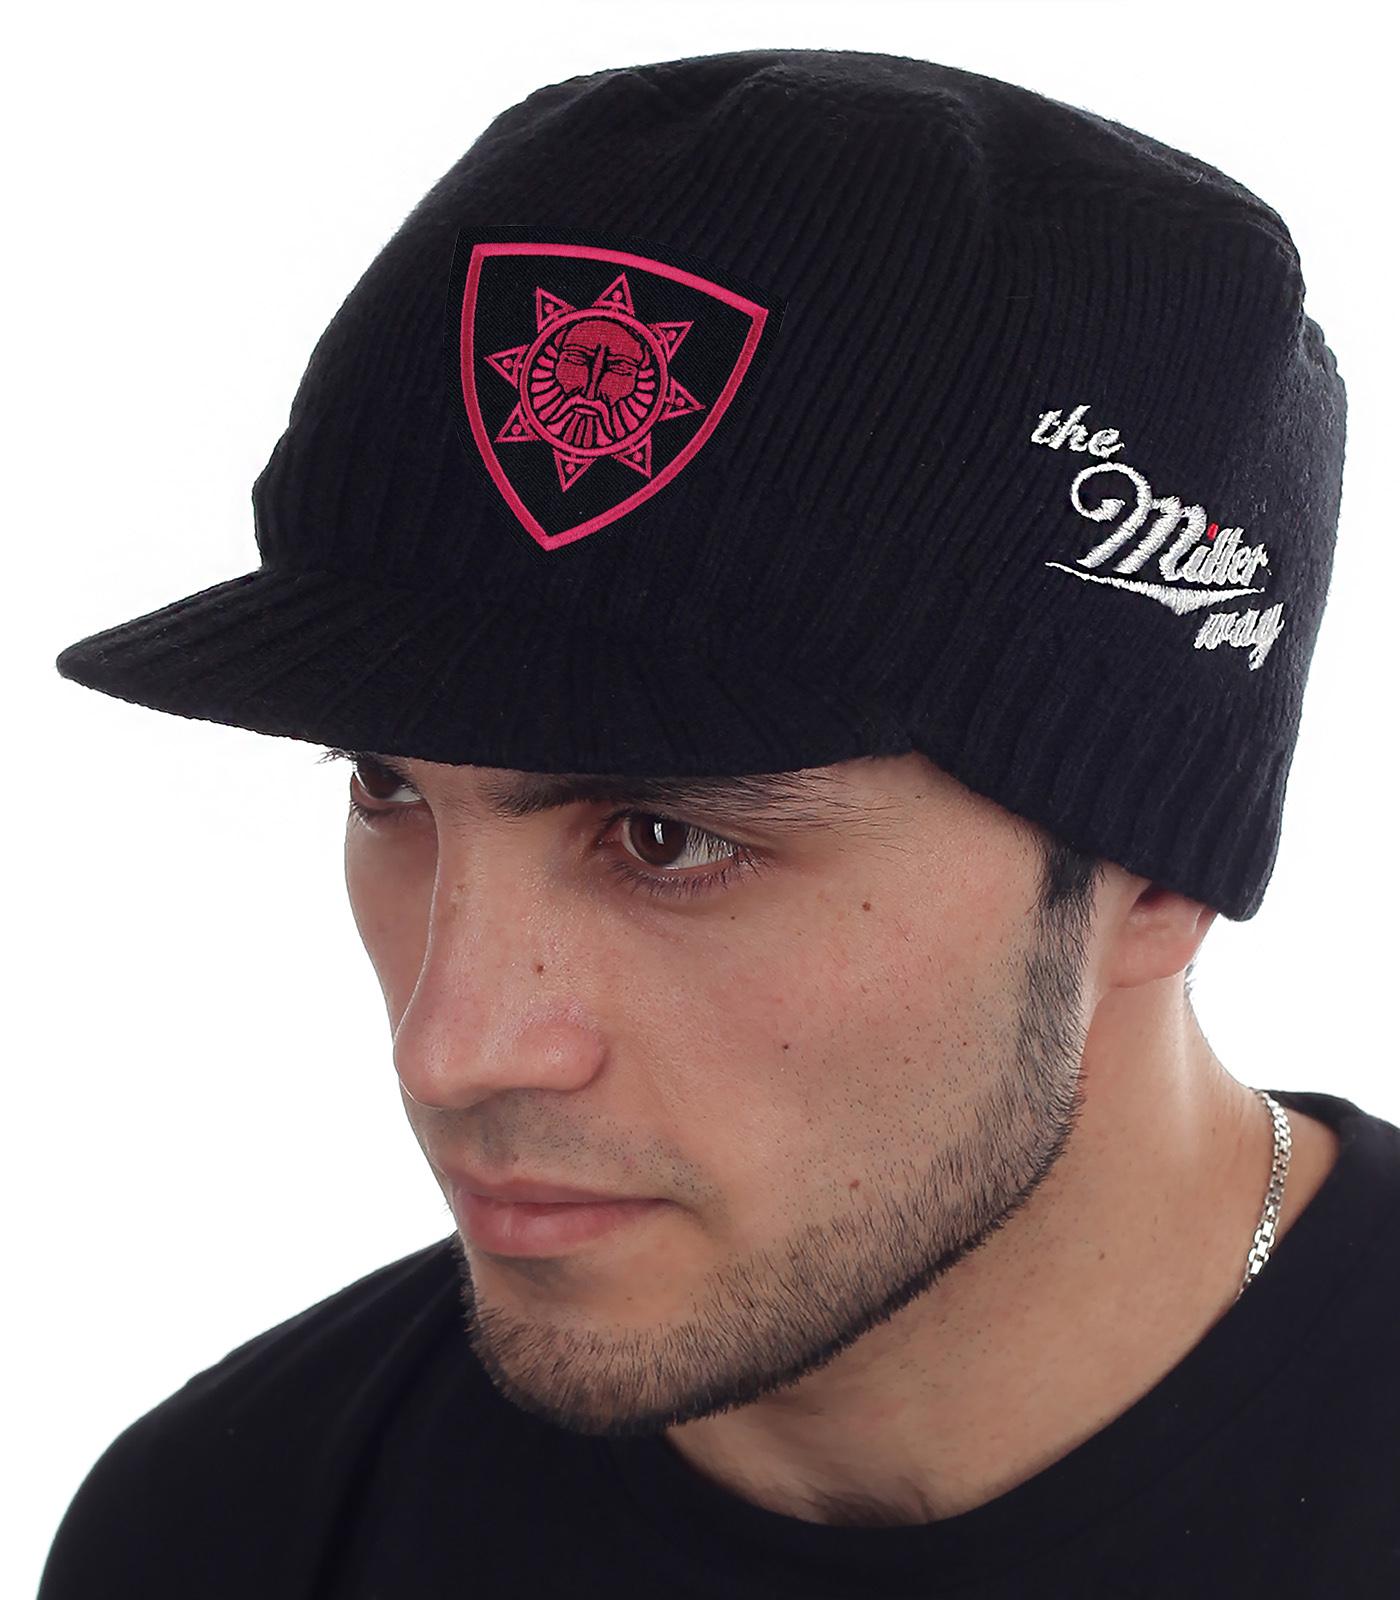 Мужская шапочка Miller Way с символом славянского Бога Сварога. Фасон милитари сочетается с куртками, пуховиками и дублёнками. Будь стильным при любой погоде